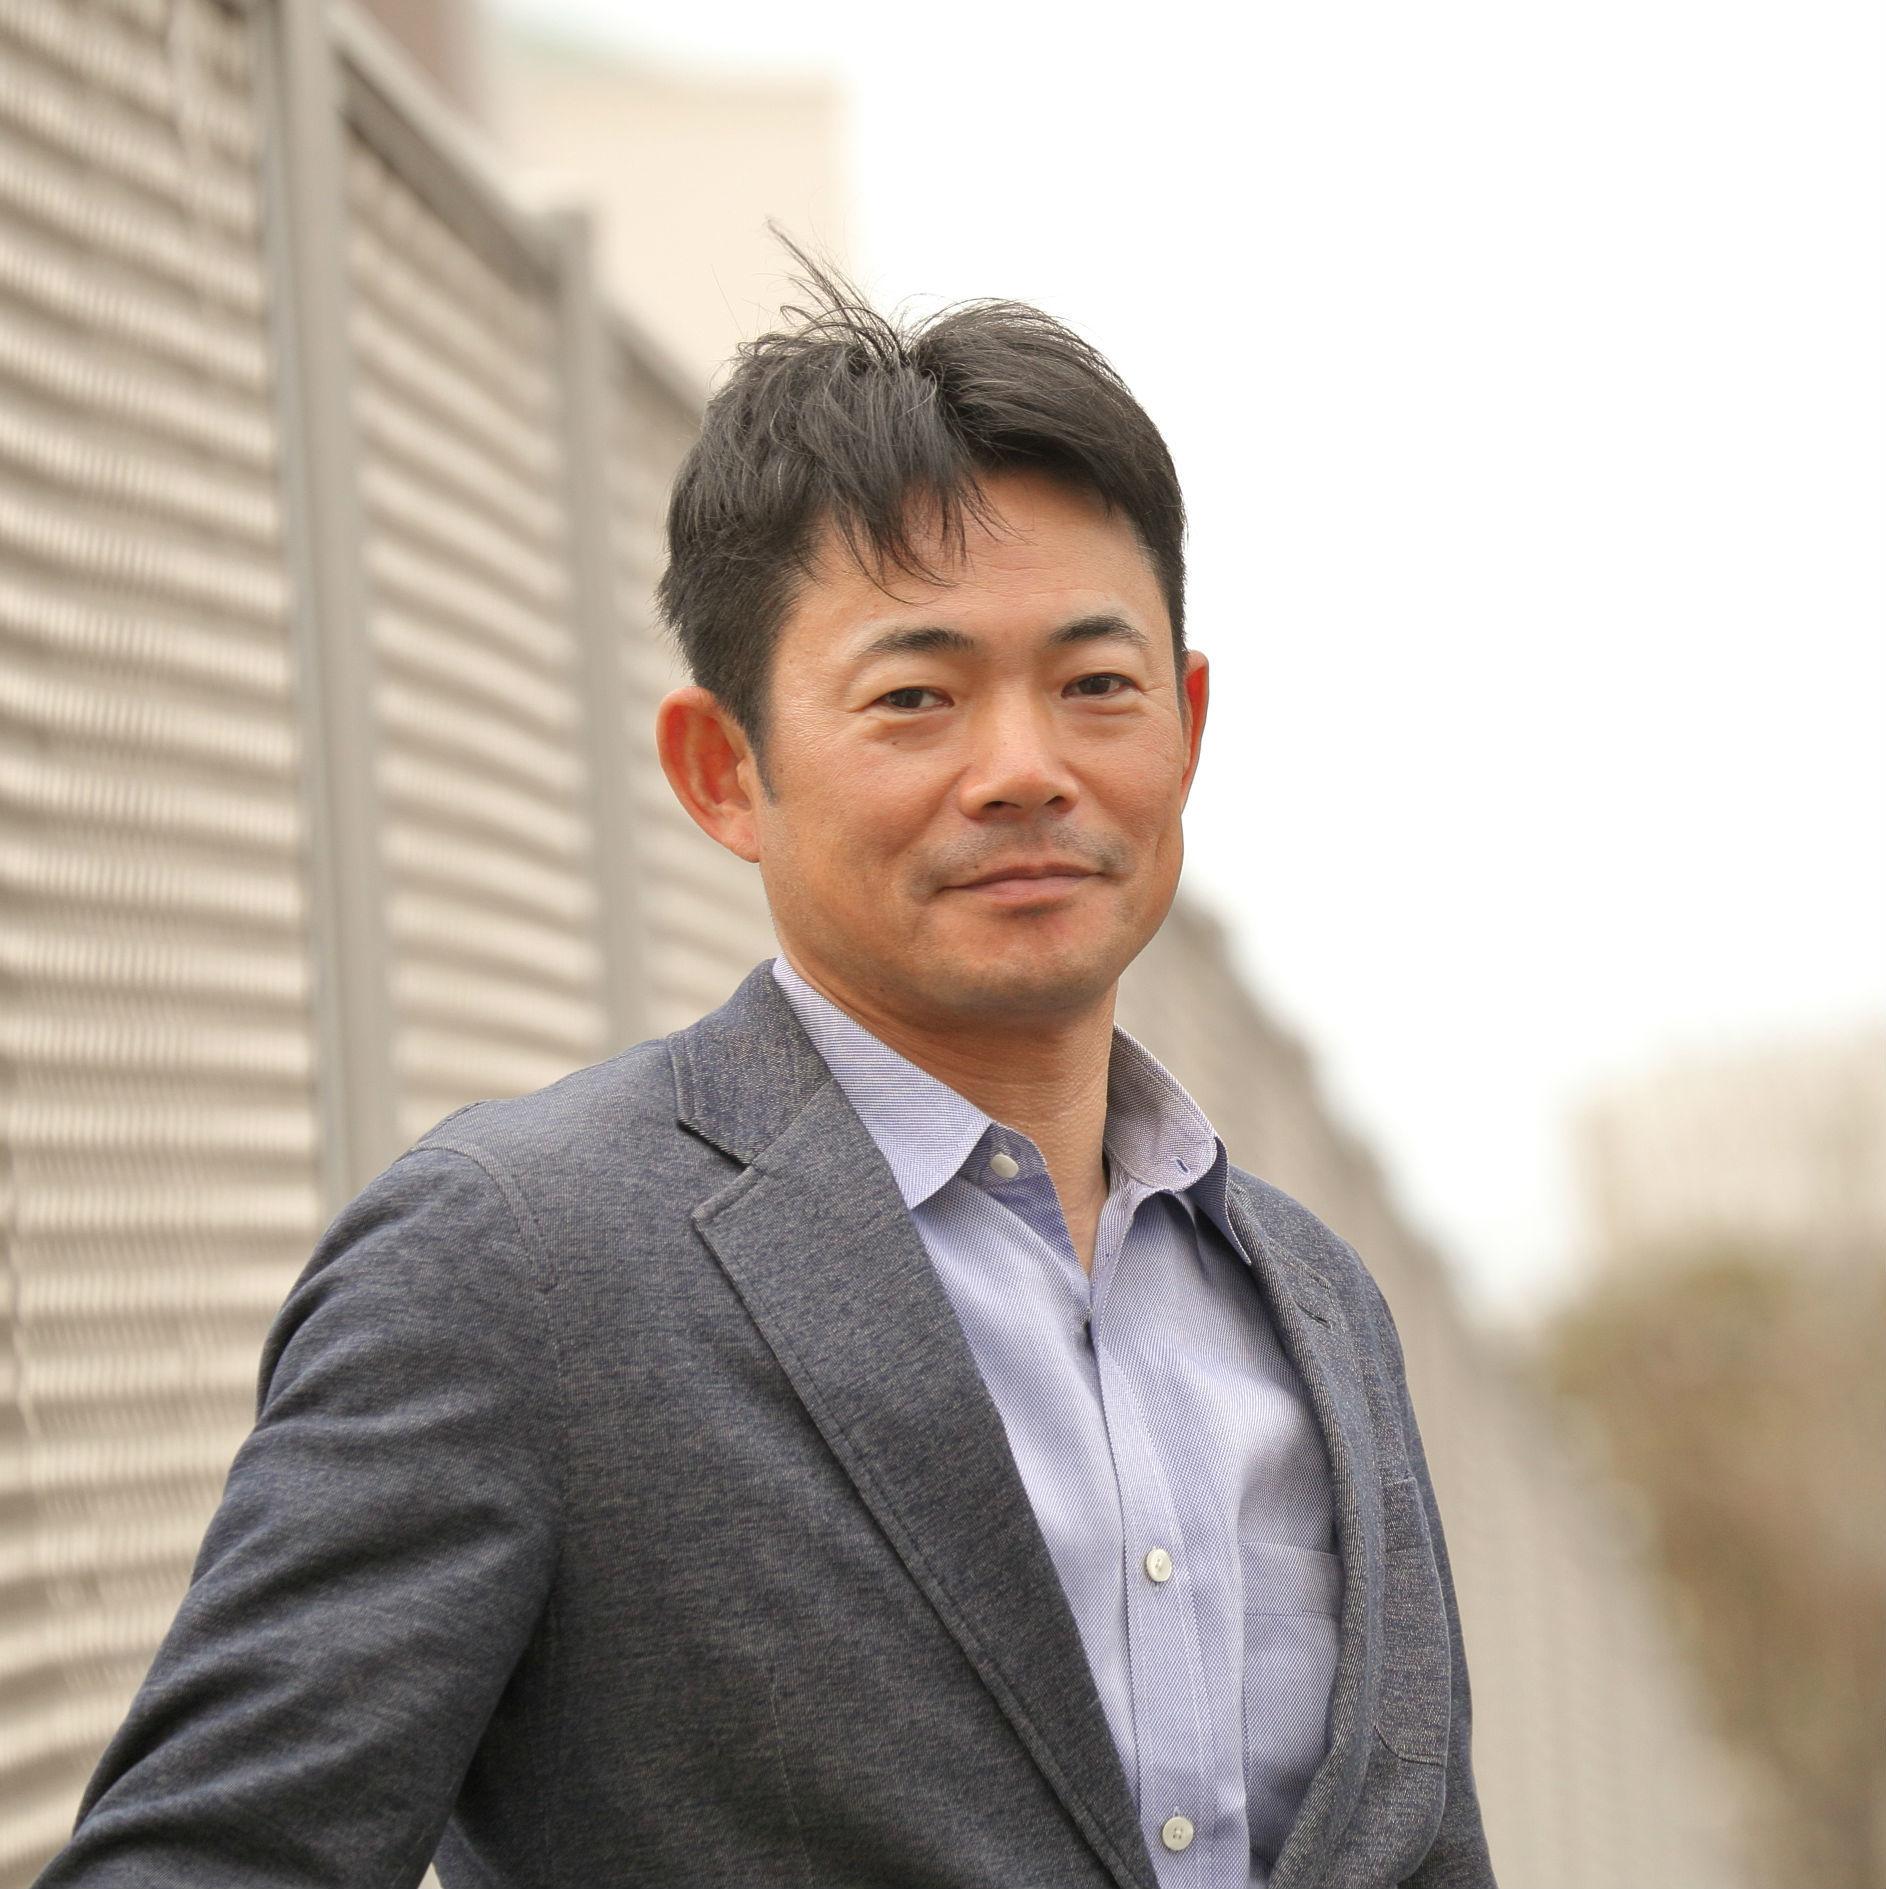 U12野球代表監督・仁志敏久氏「変わったのは子どもじゃない、大人だ」